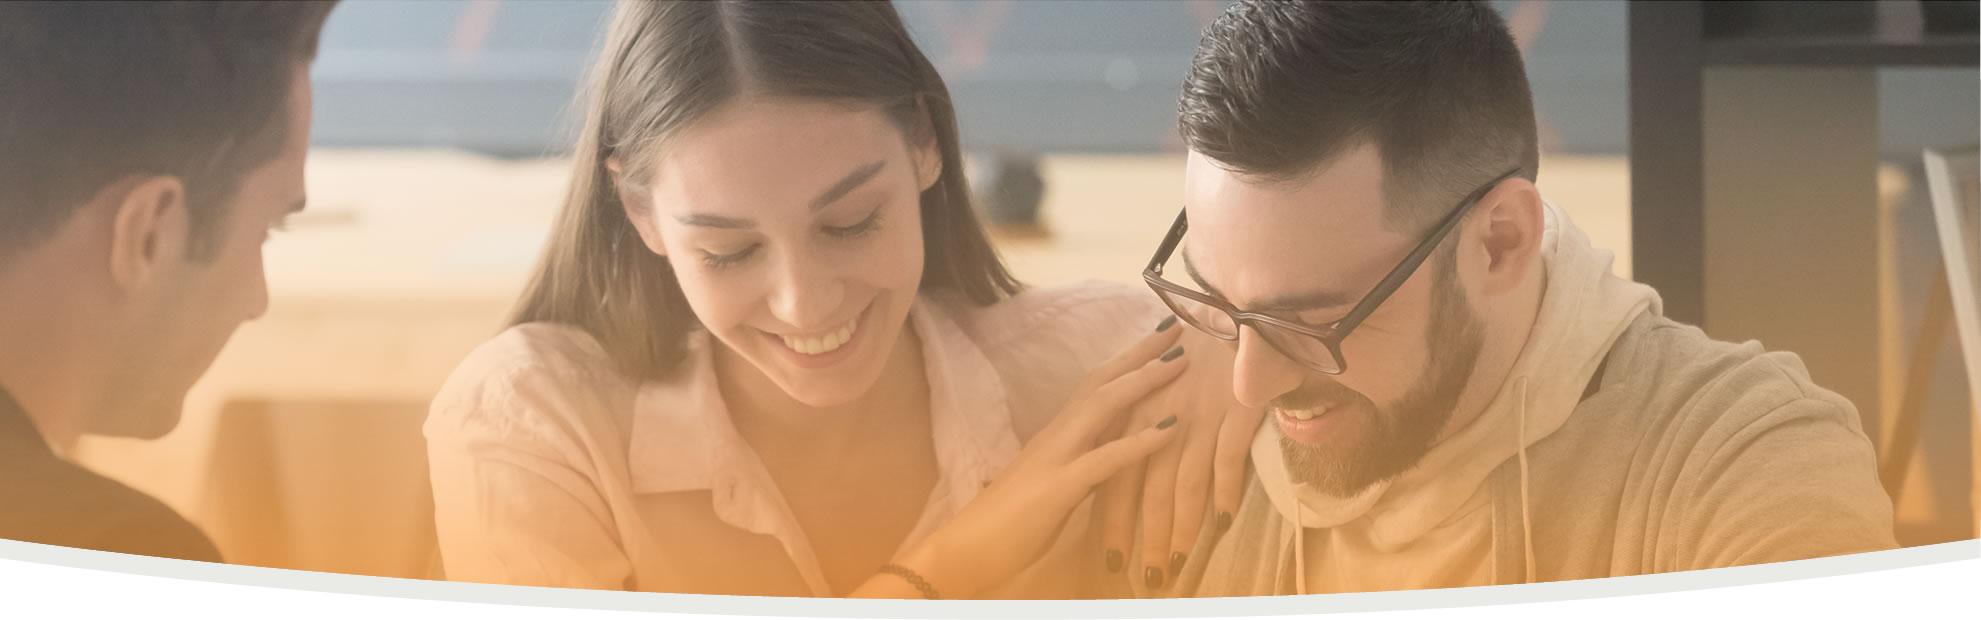 Immofinances, le courtier offrant jusqu'à 100% de ses honoraires qui réalise vos rêves ...